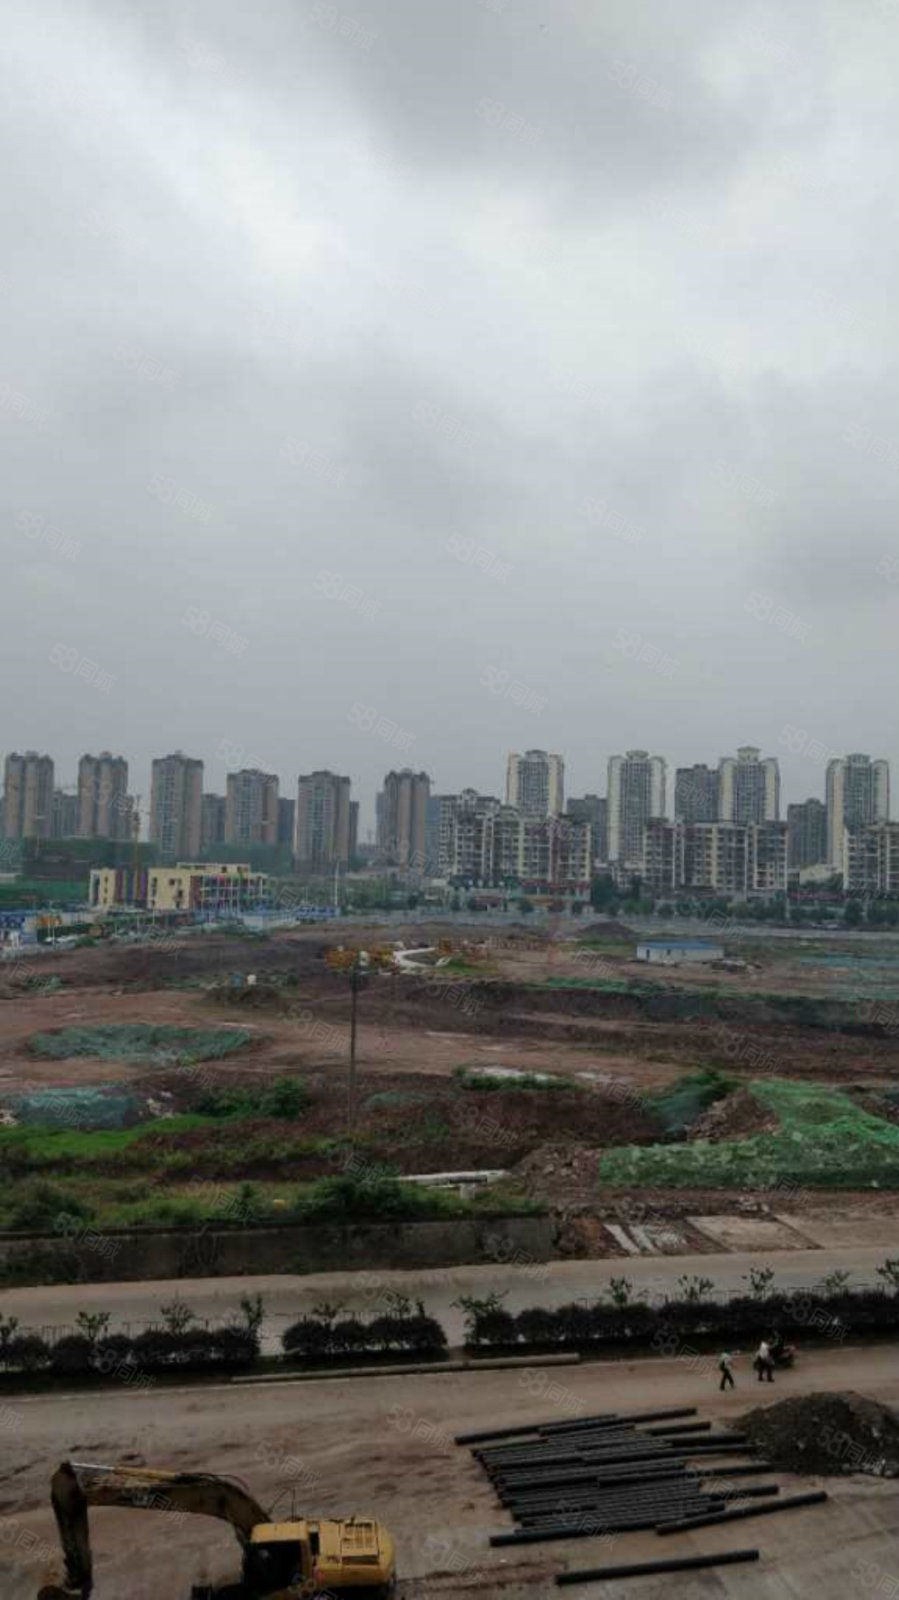 锦绣山河首付15万的房子再现绝版房源你还在等什么